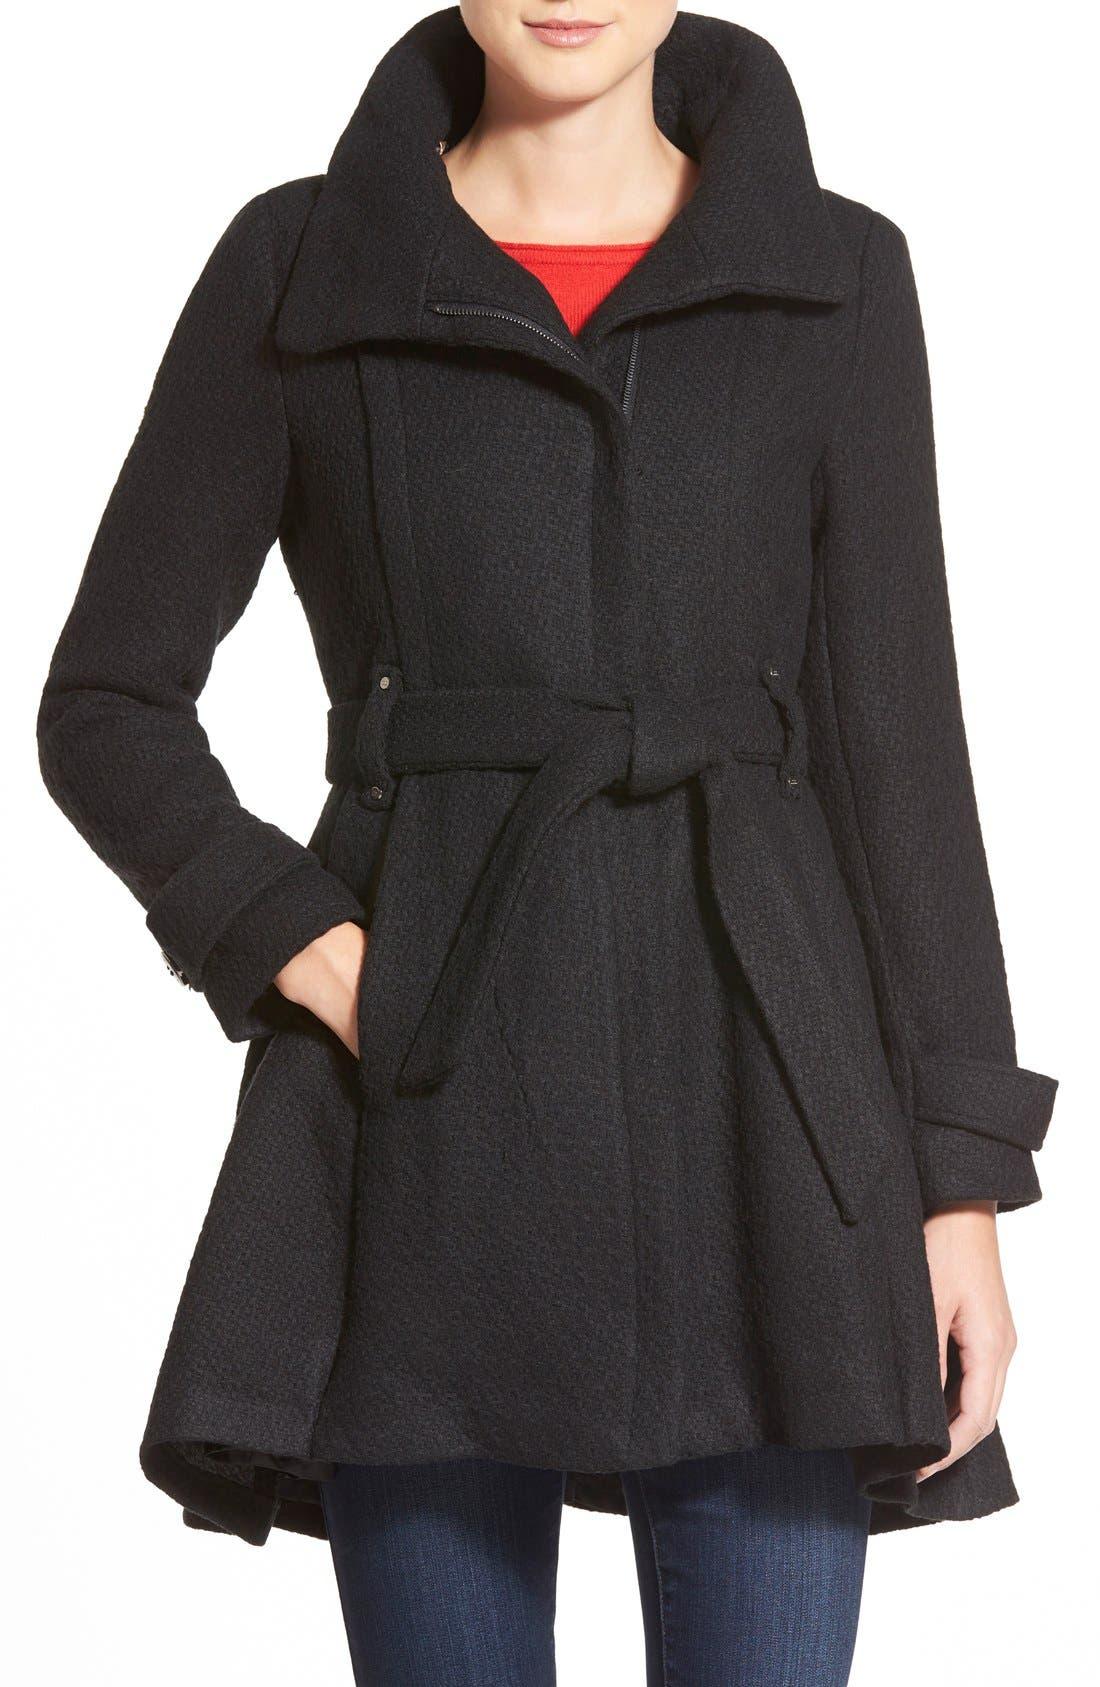 Alternate Image 1 Selected - Steven Madden Asymmetrical Zip Skirted Coat